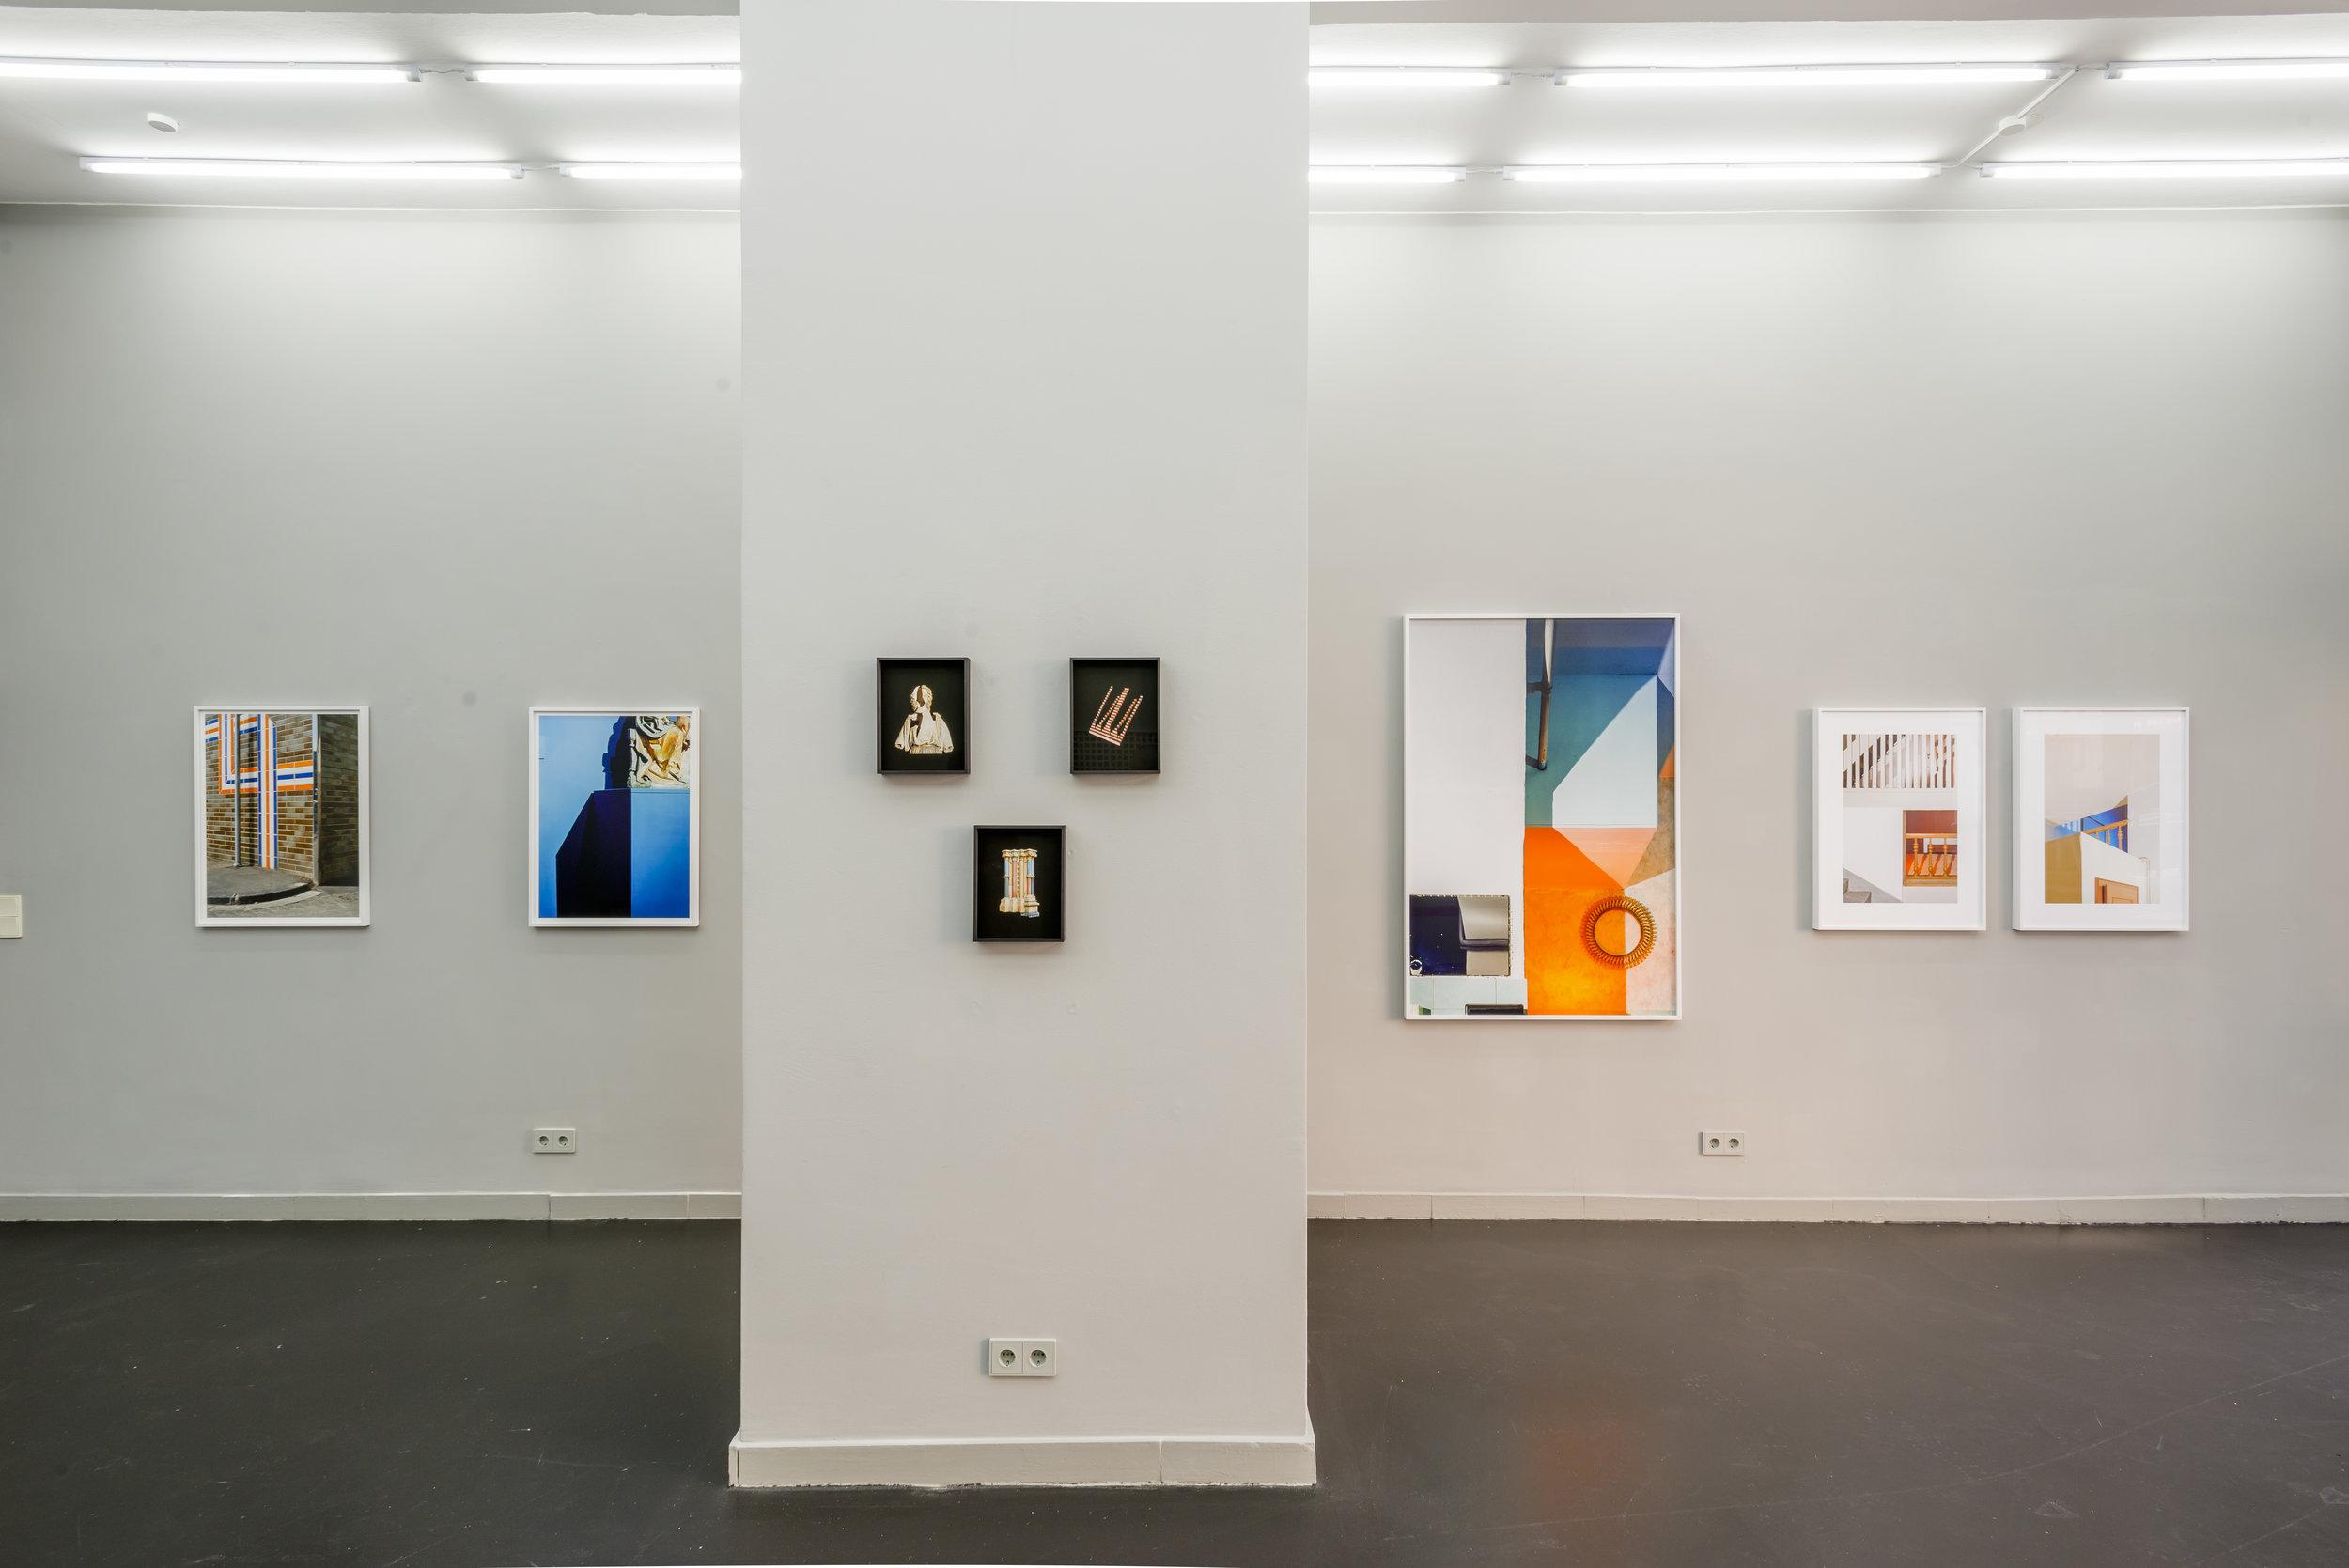 Foto © Frank Blümler — Die Galerie Schierke Seinecke zeigt zum Saisonstart 2019 Exponate der Künstlerin Andrea Grützner